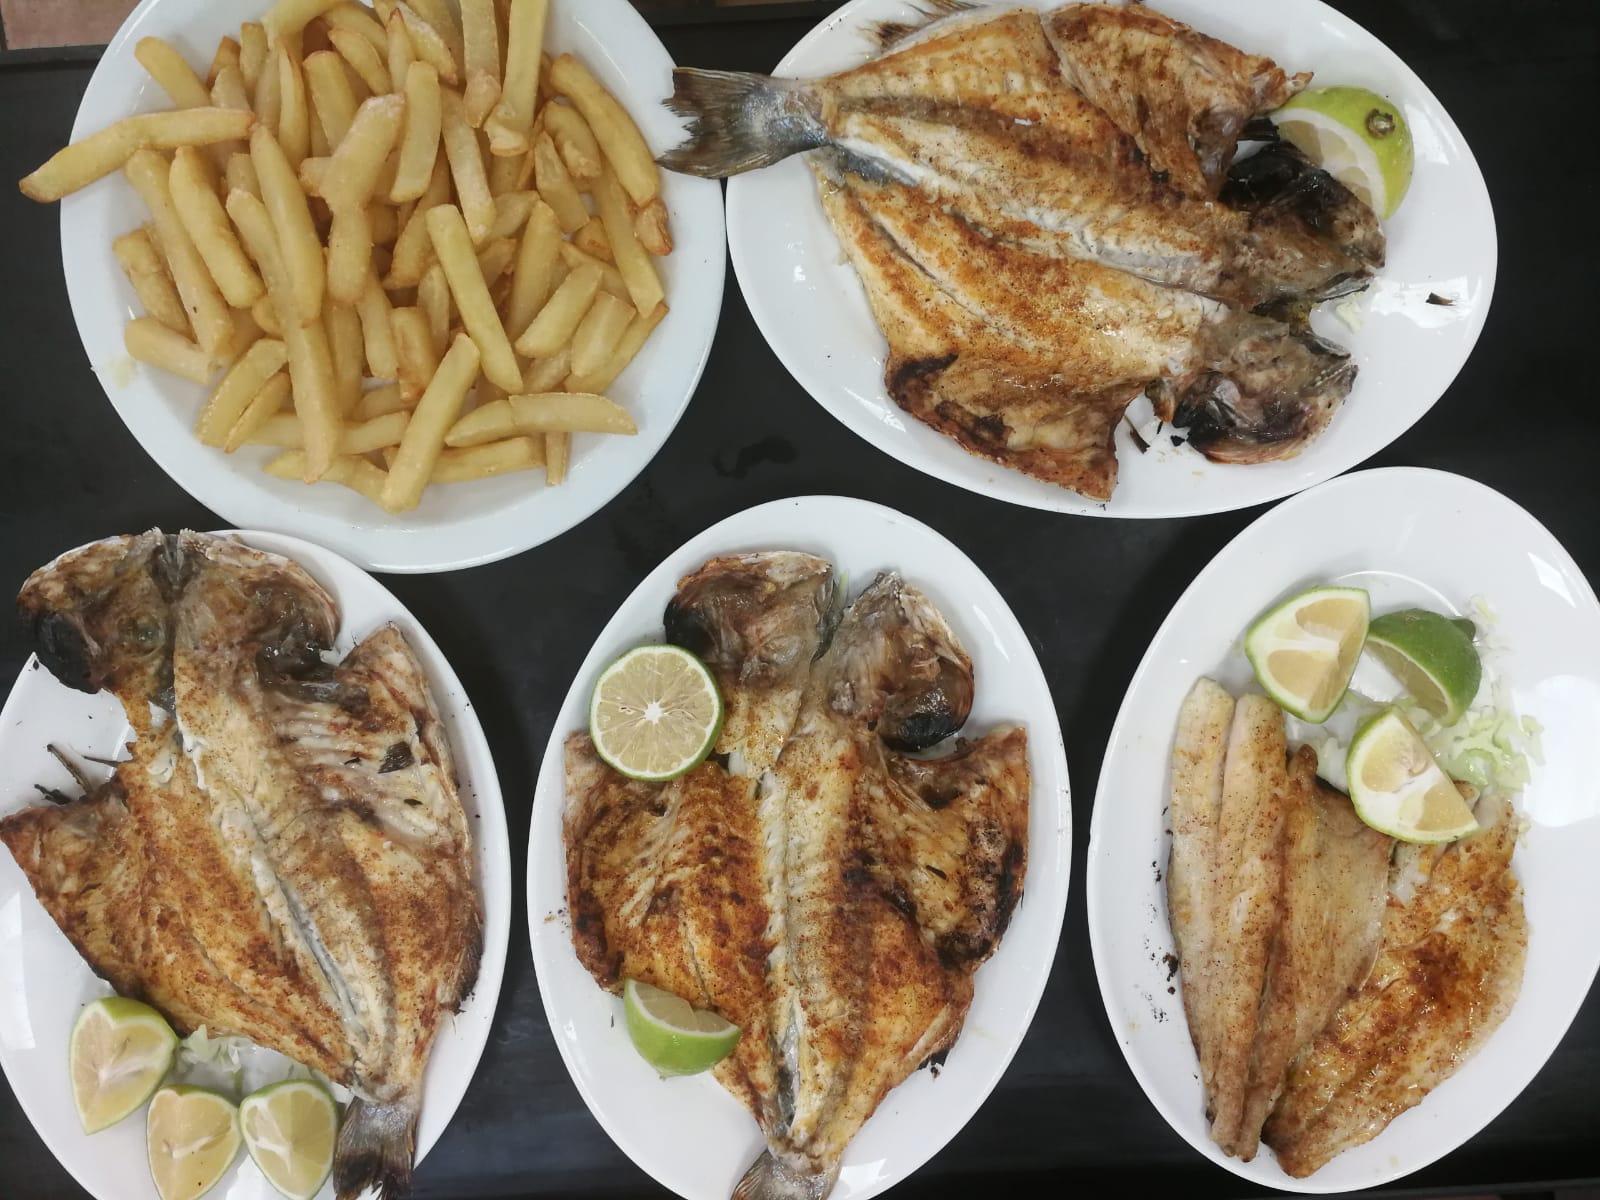 דג דניס או לברק על האש מסעדת אבו יוסף חיפה